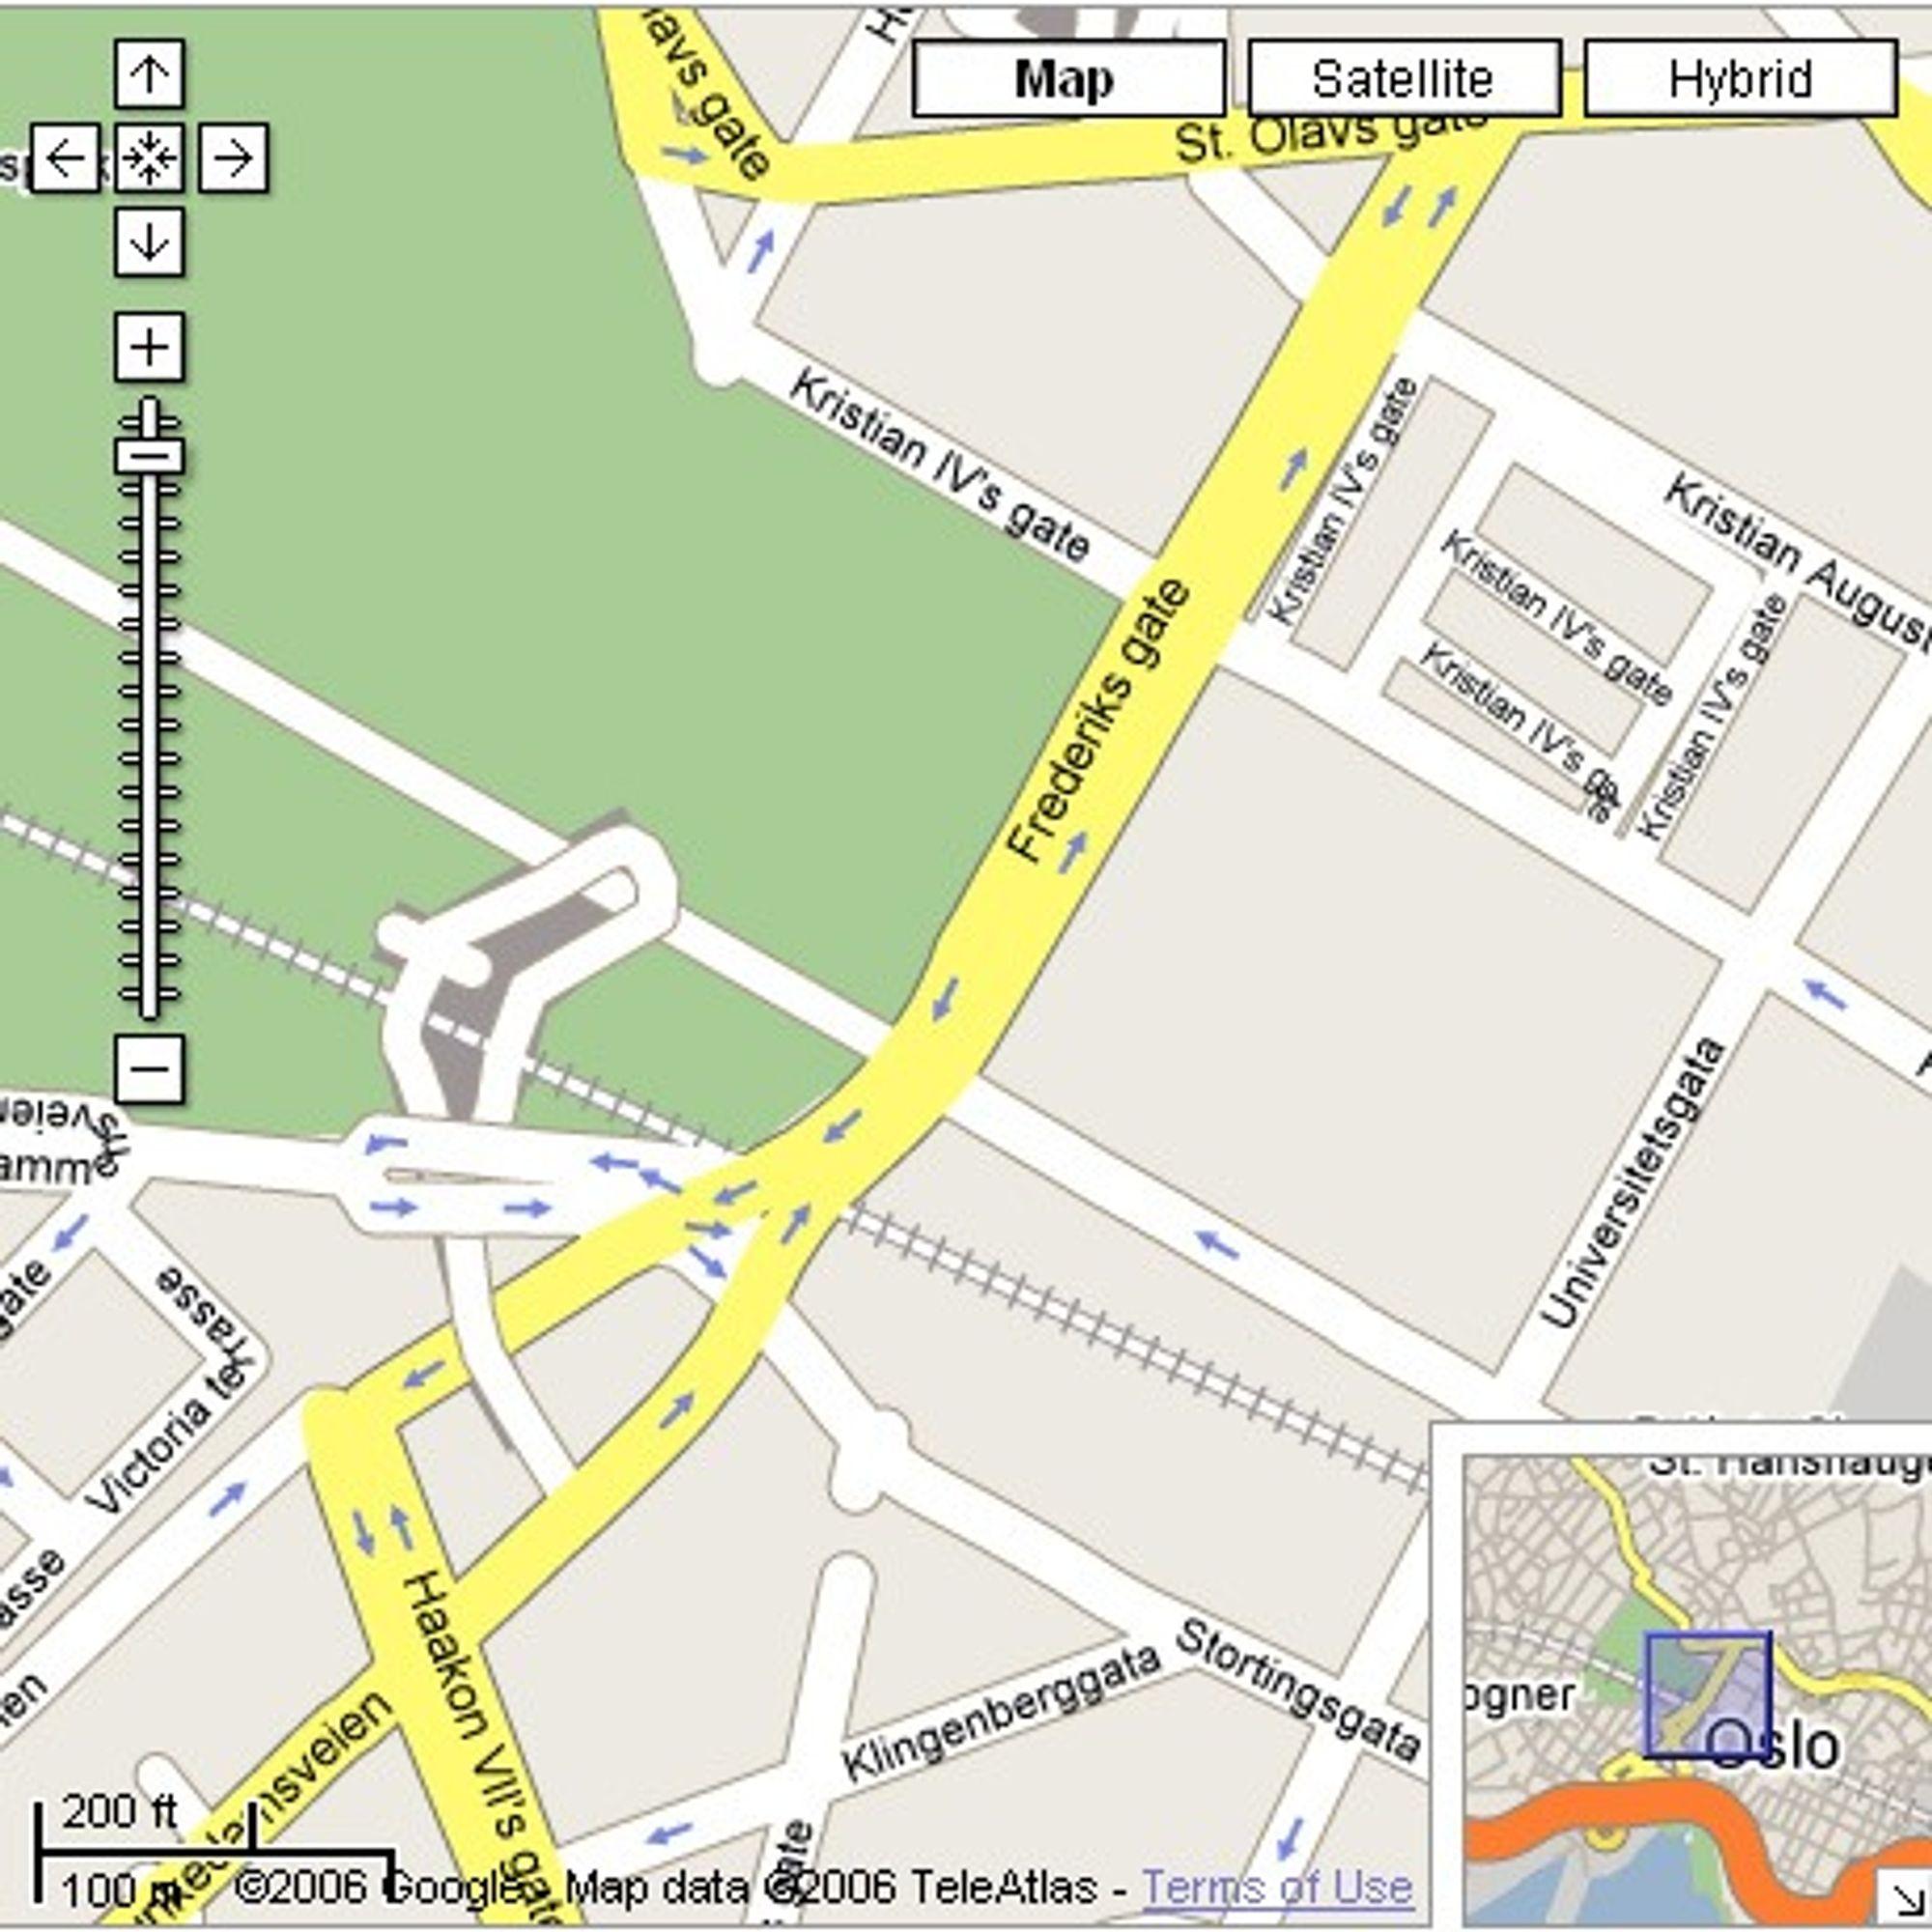 Google Maps med kartdata fra 2006.